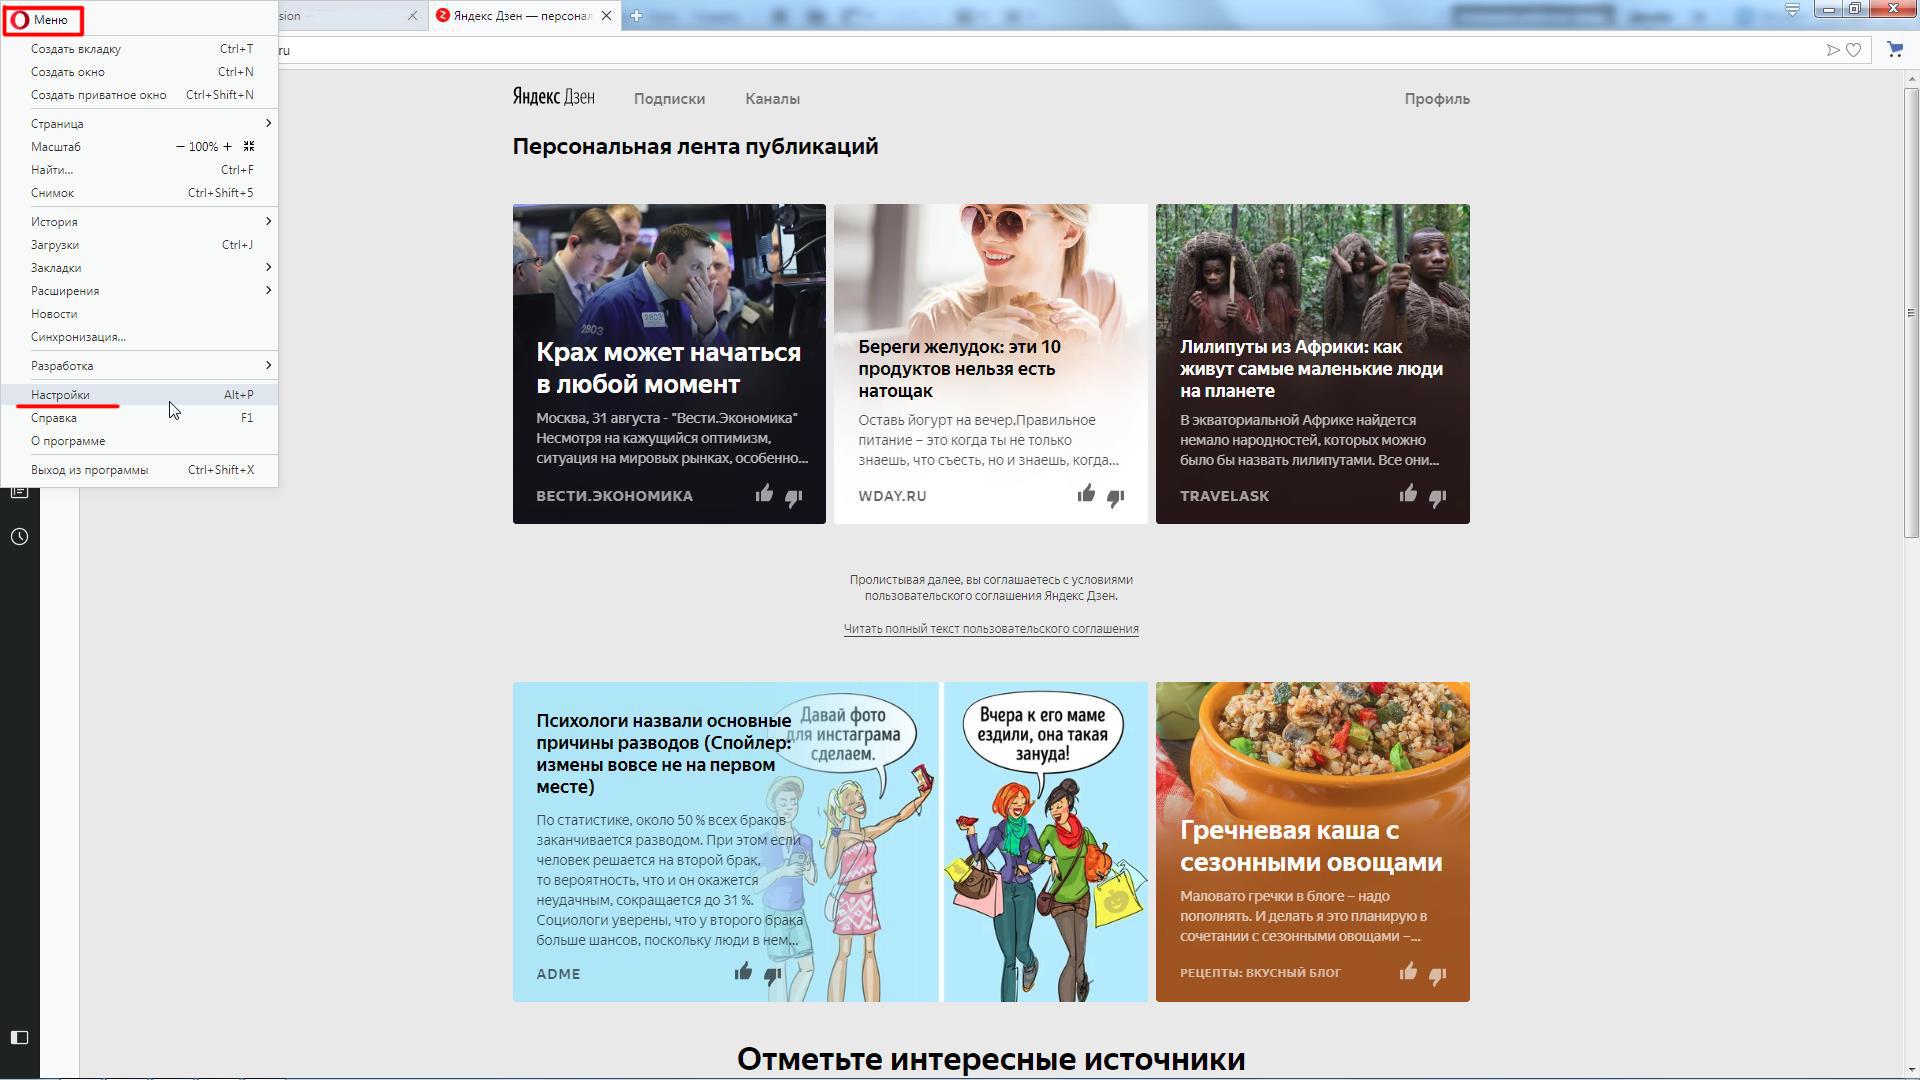 Панель настроек в браузере Opera